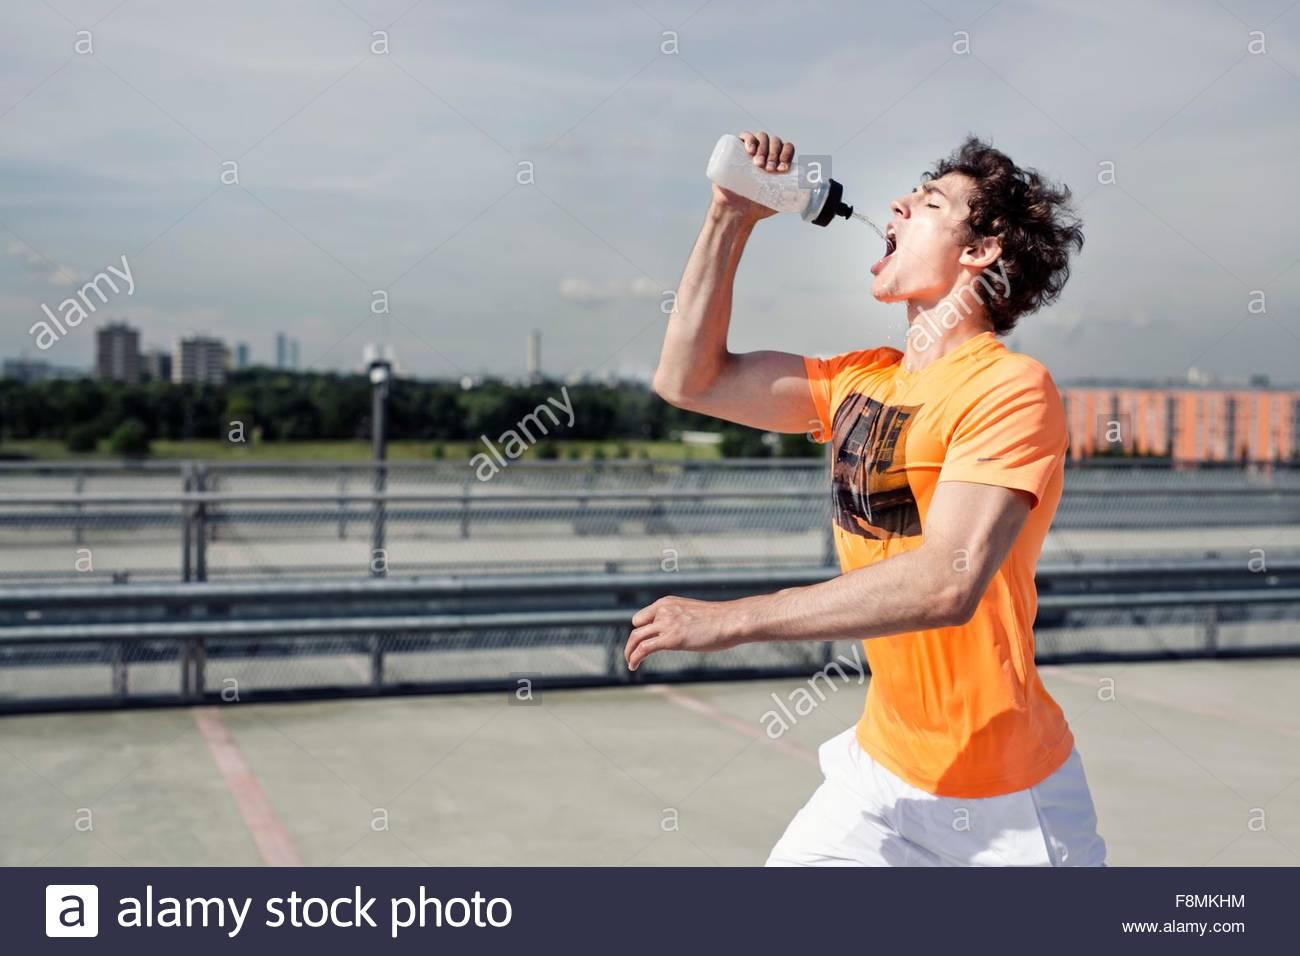 Young male runner alors que l'eau potable en ville Photo Stock